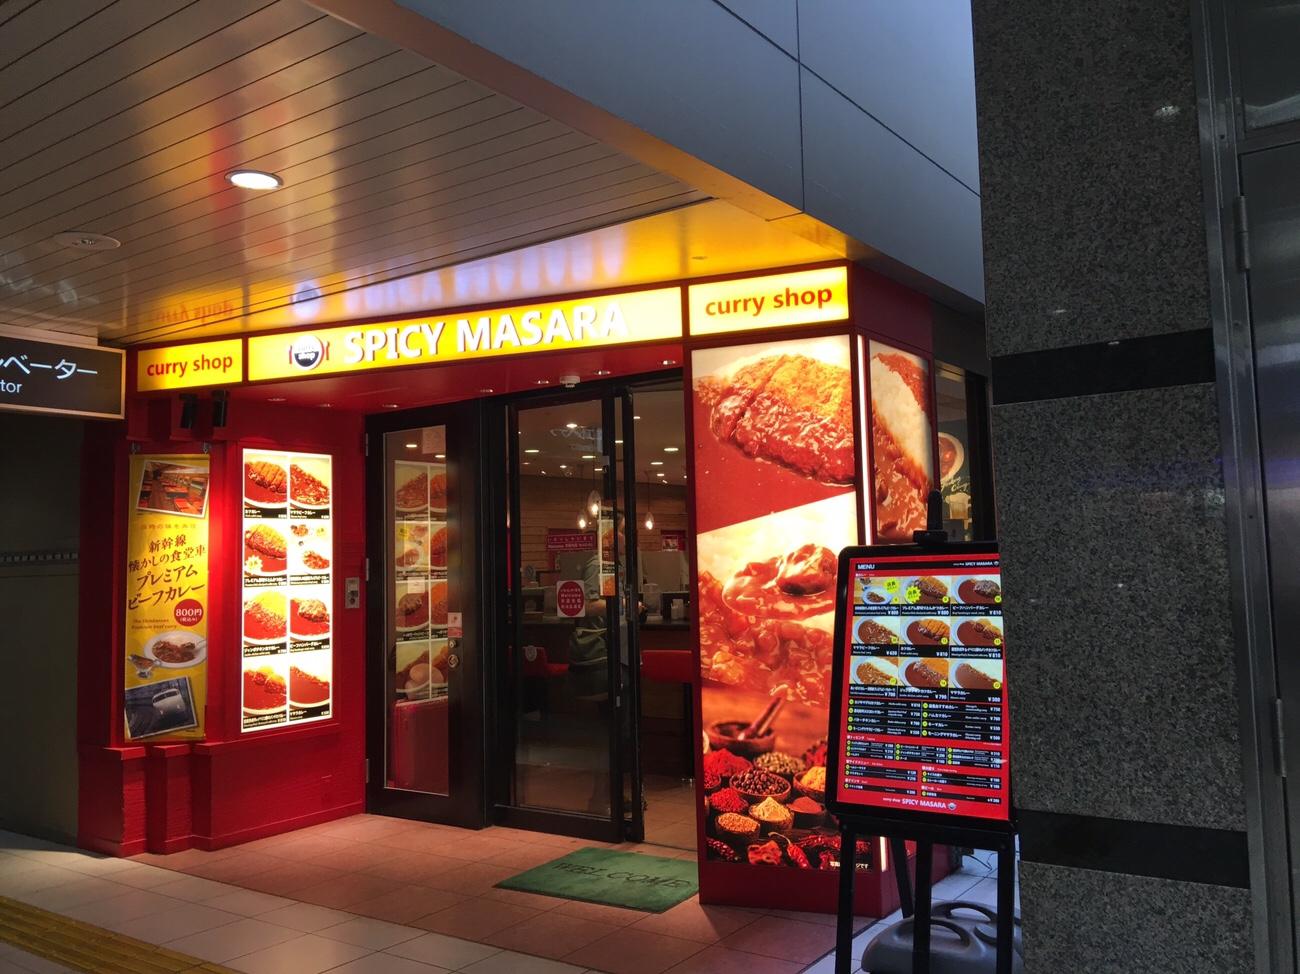 京都駅グルメ 朝食ランチカレー スパイシーマサラ